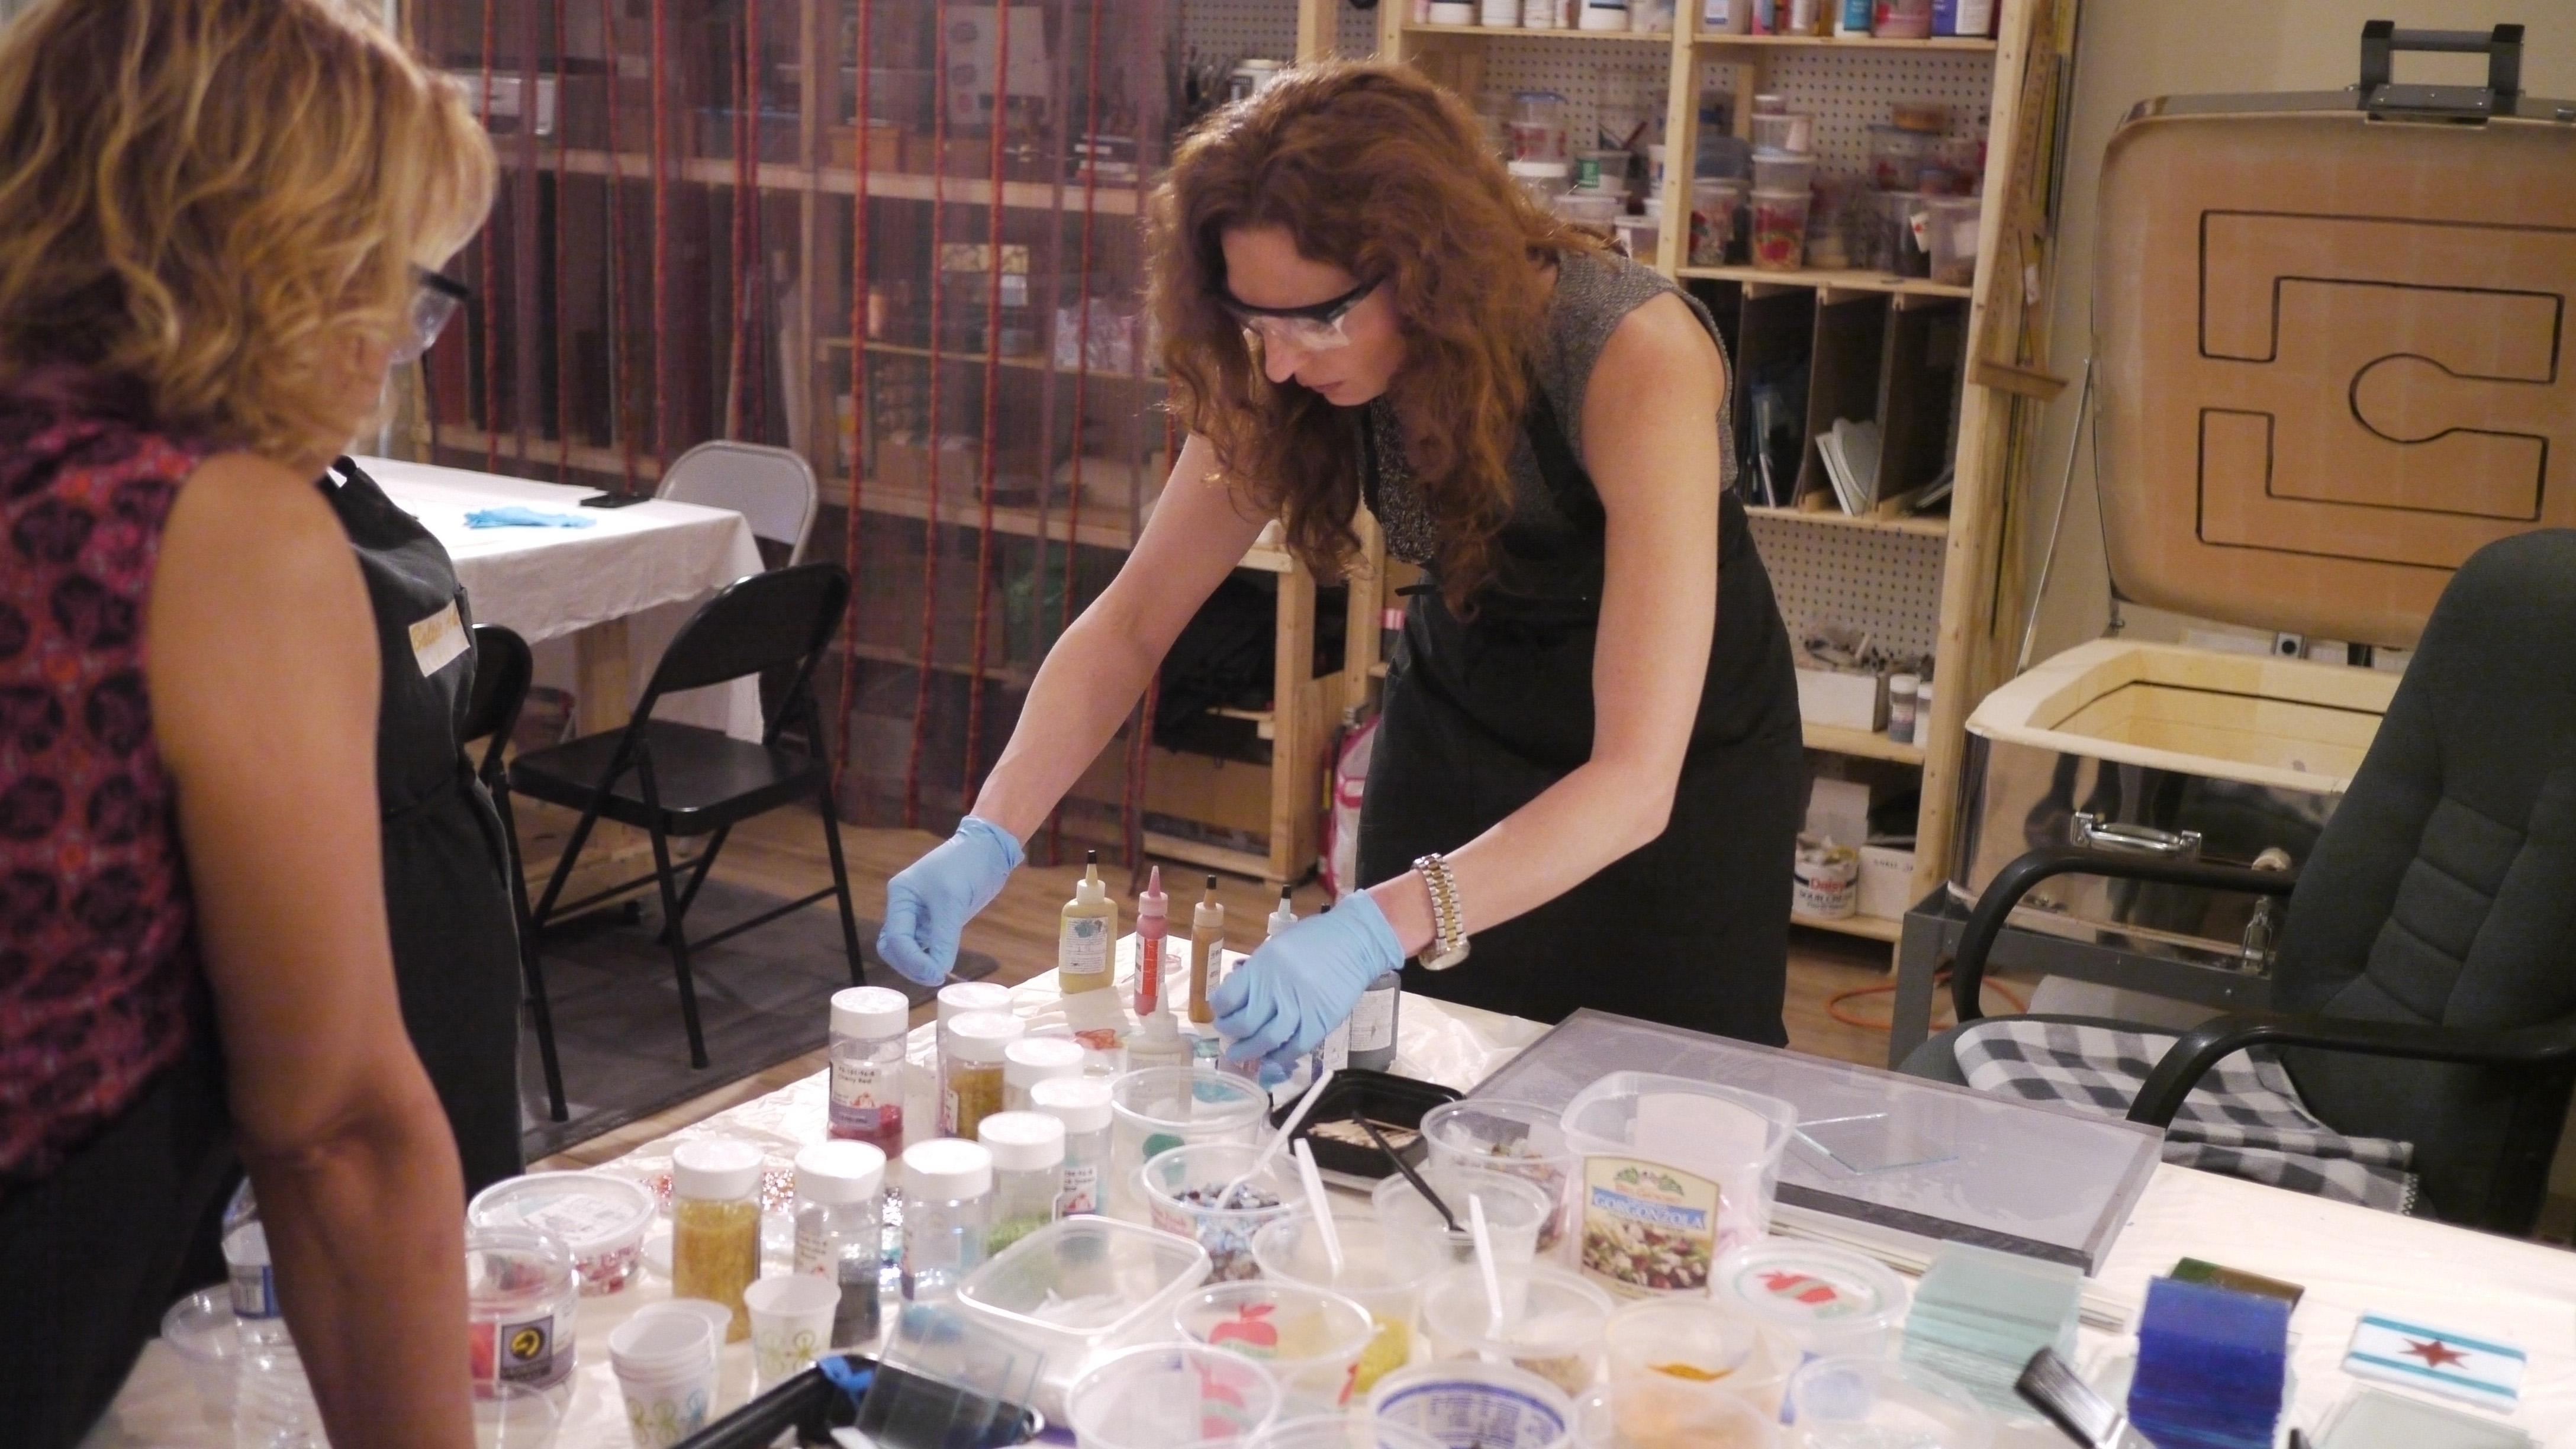 Evelina susirinkusiems rodo kaip pasiruošti dažus stiklo dirbų dekoravimui.